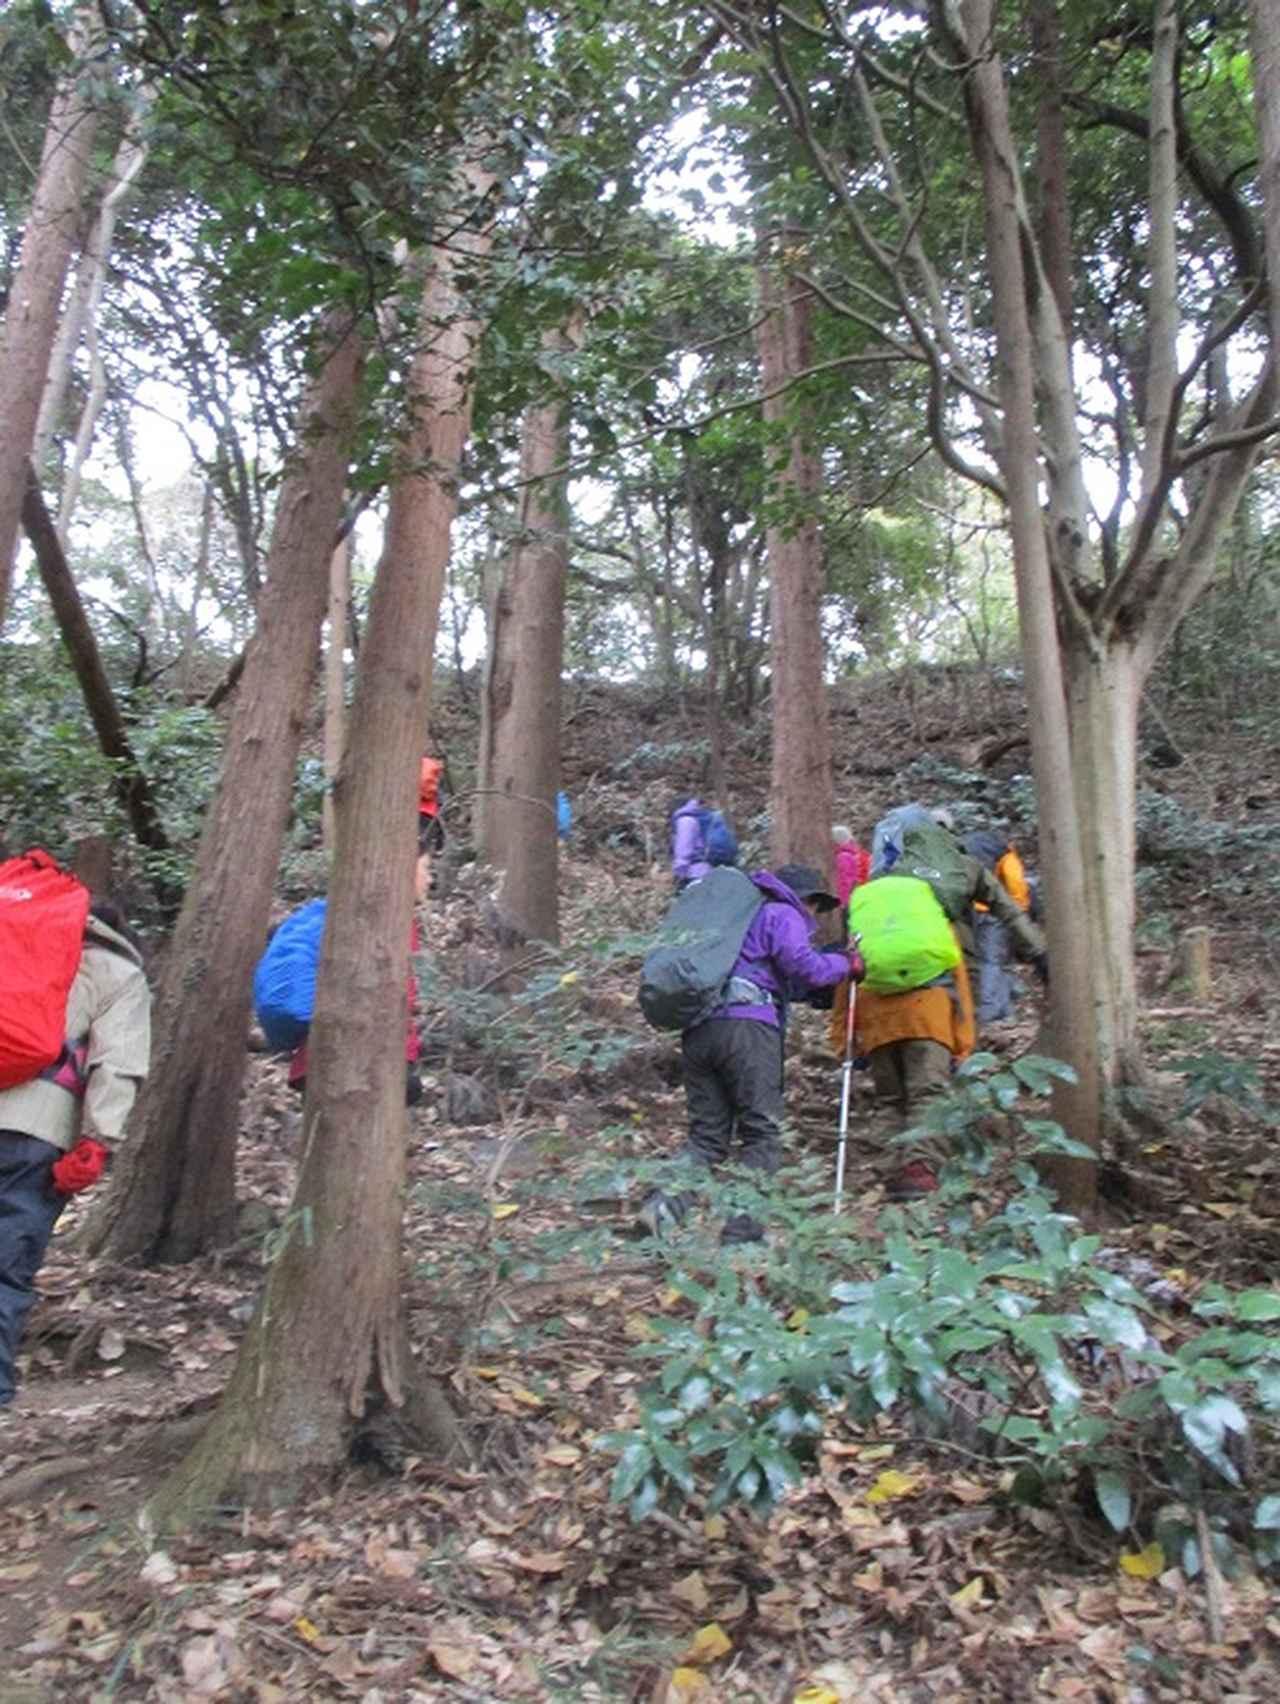 画像6: 1月12日に山旅会現地集合ツアー 「六浦から朝比奈切通・大平山」 ツアーにいってまいりました!